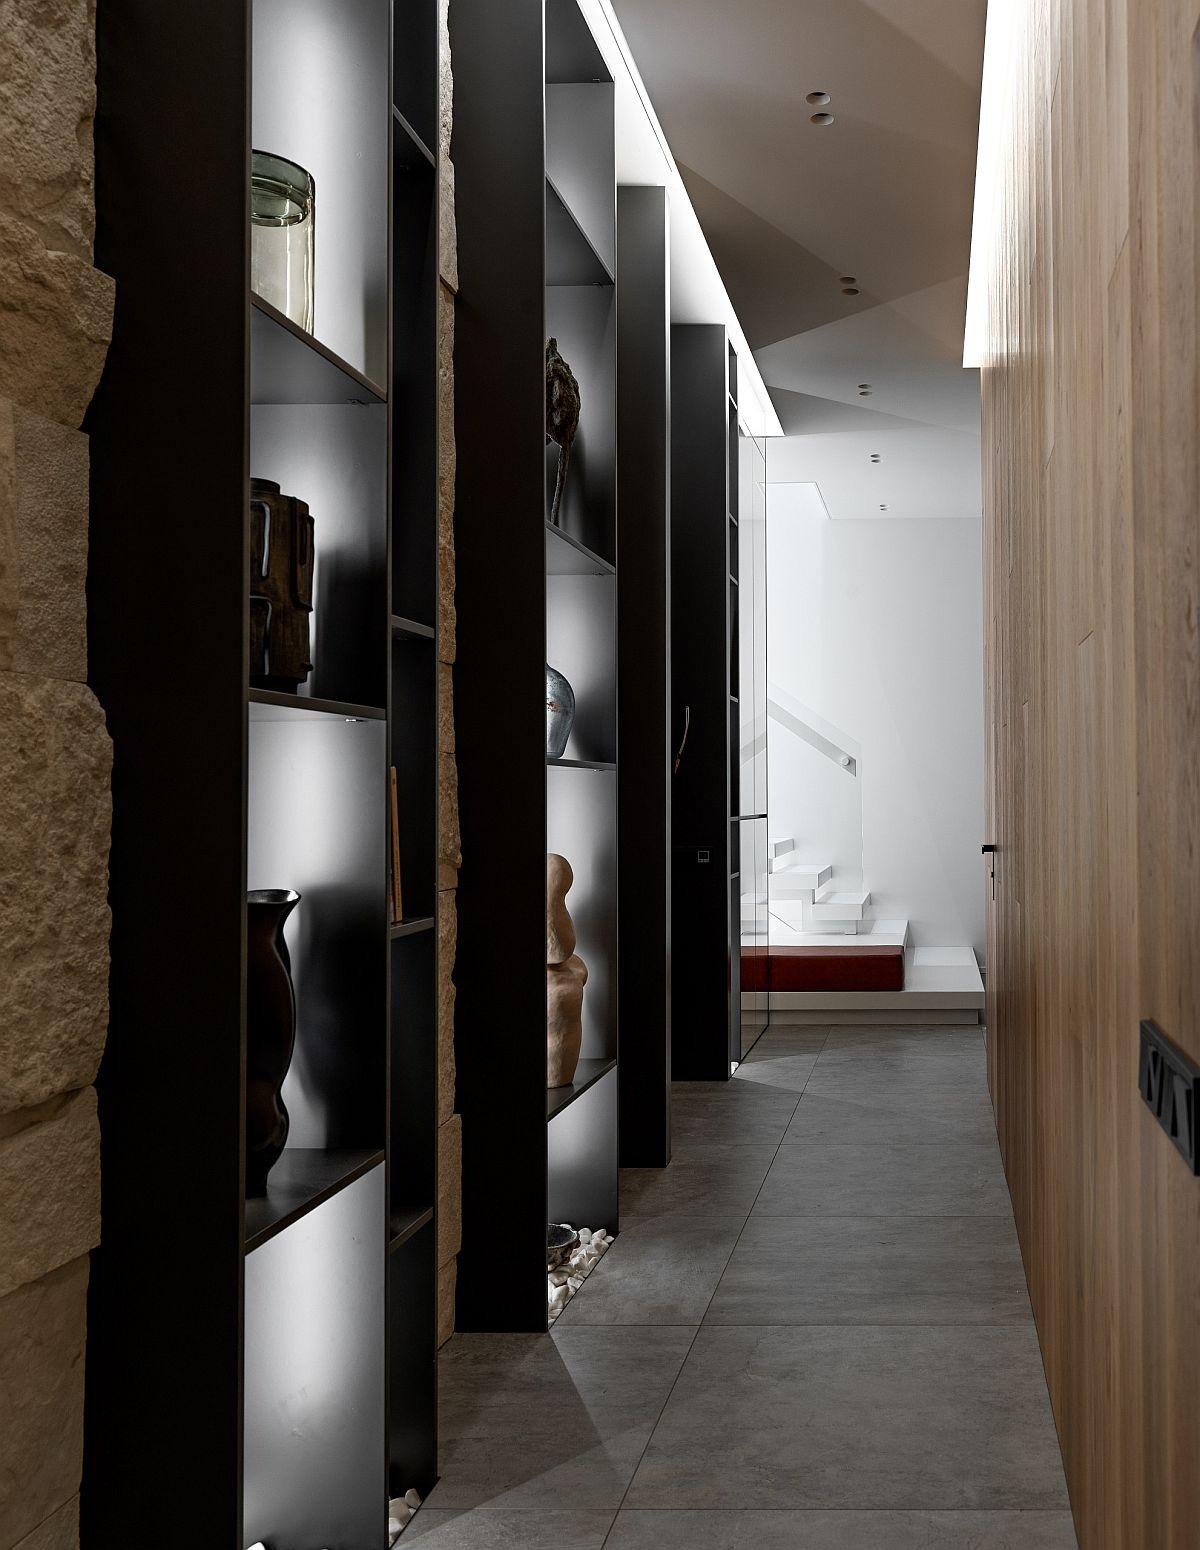 Những cách tận dụng hành lang, lối đi tạo sự tiện ích và sang trọng cho không gian - Ảnh 7.